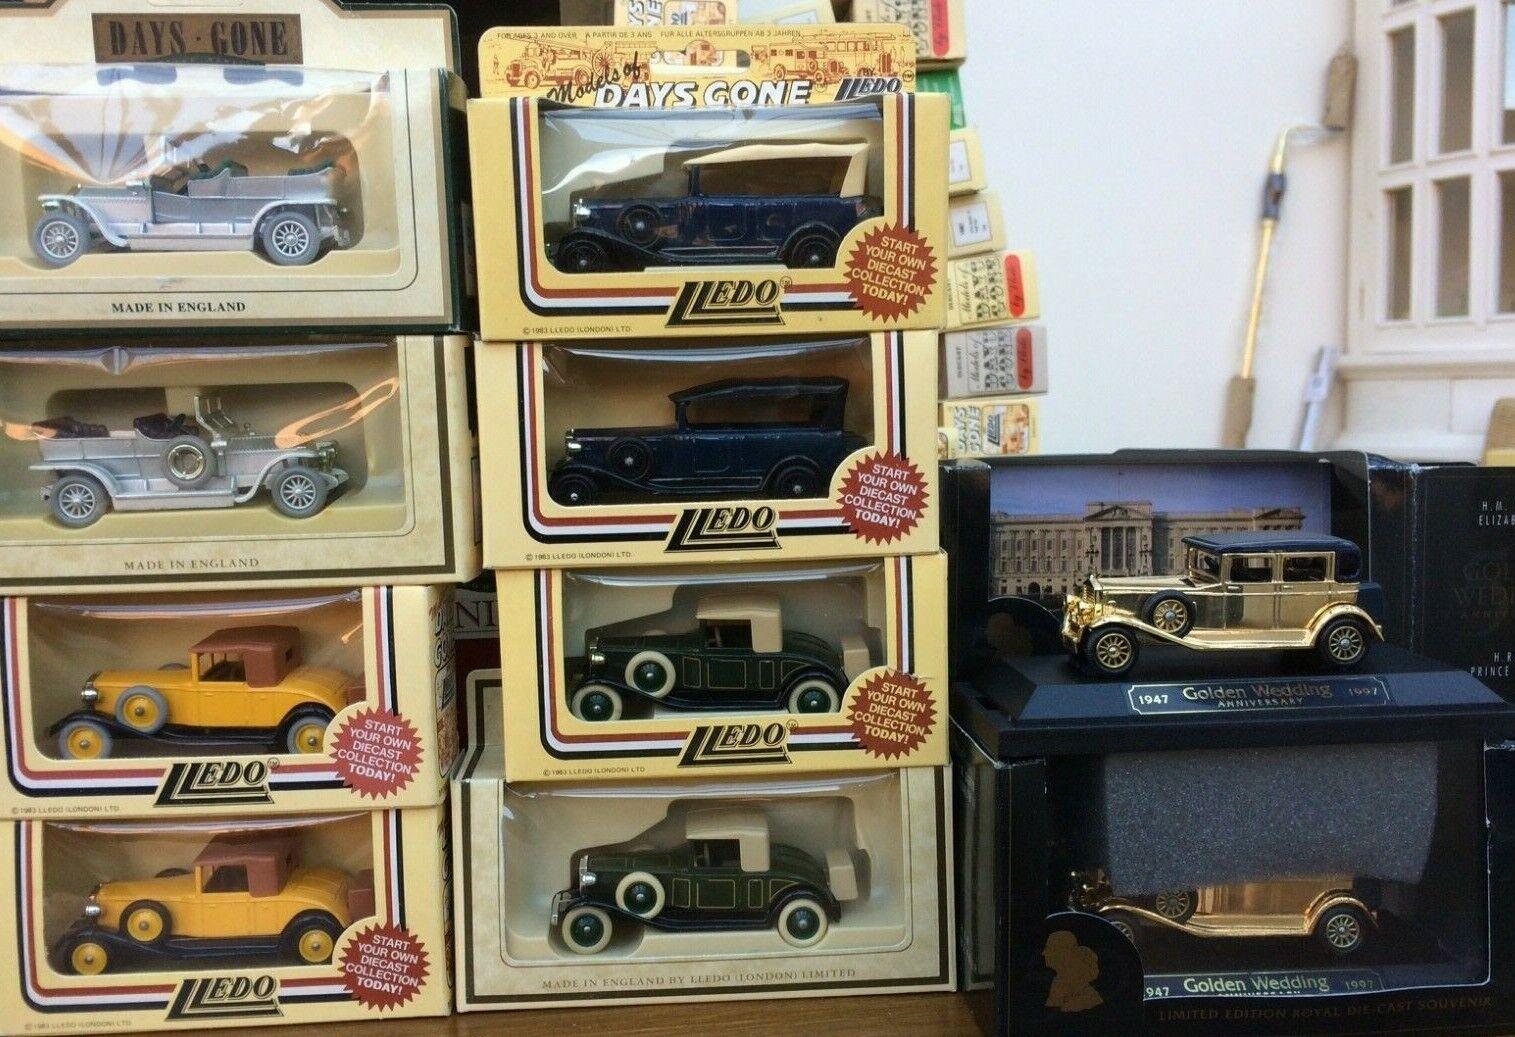 LLEDO DG & SL Rolls Royce models DG24000 DG24005 DG25000 DG32000 SL54003 gold